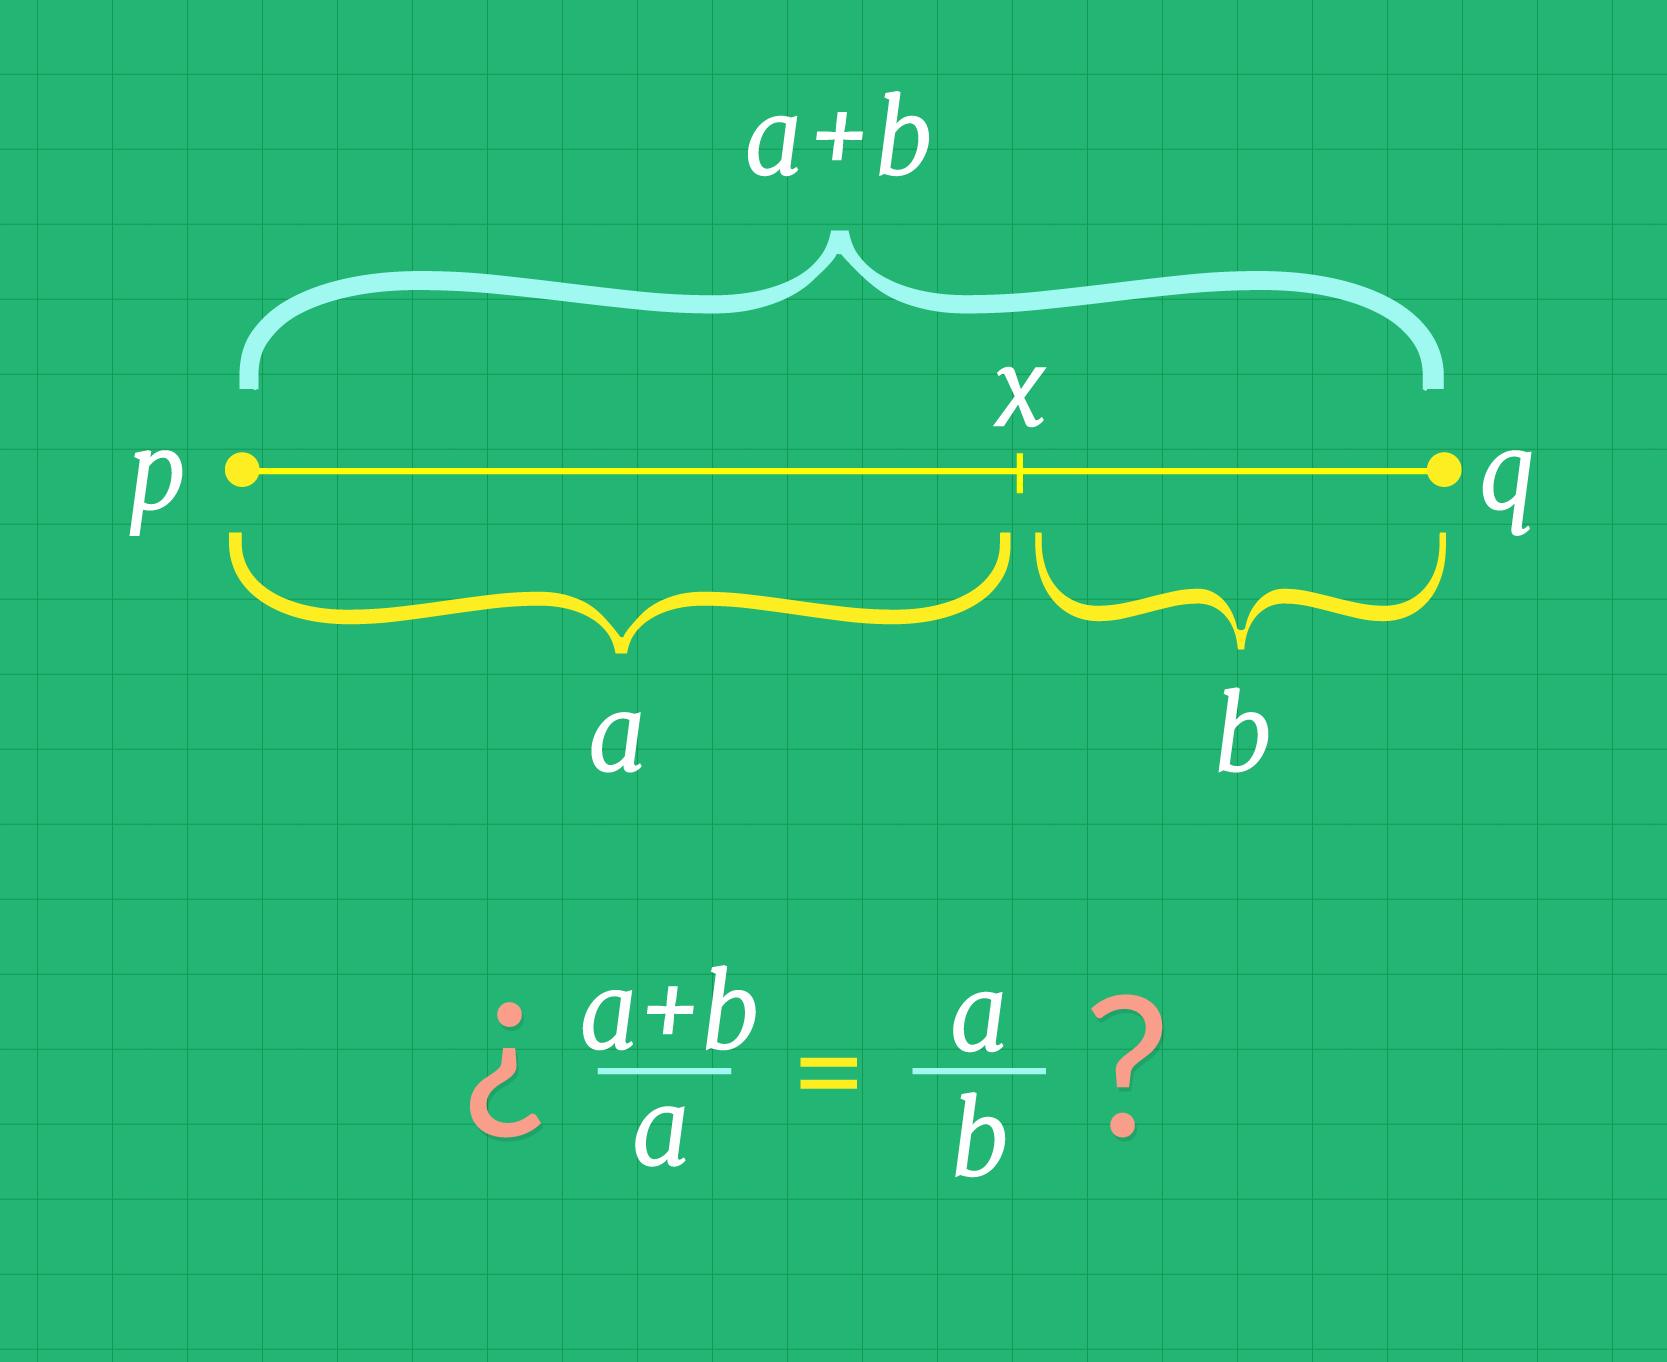 División del segmento de tal forma que las razones sean iguales